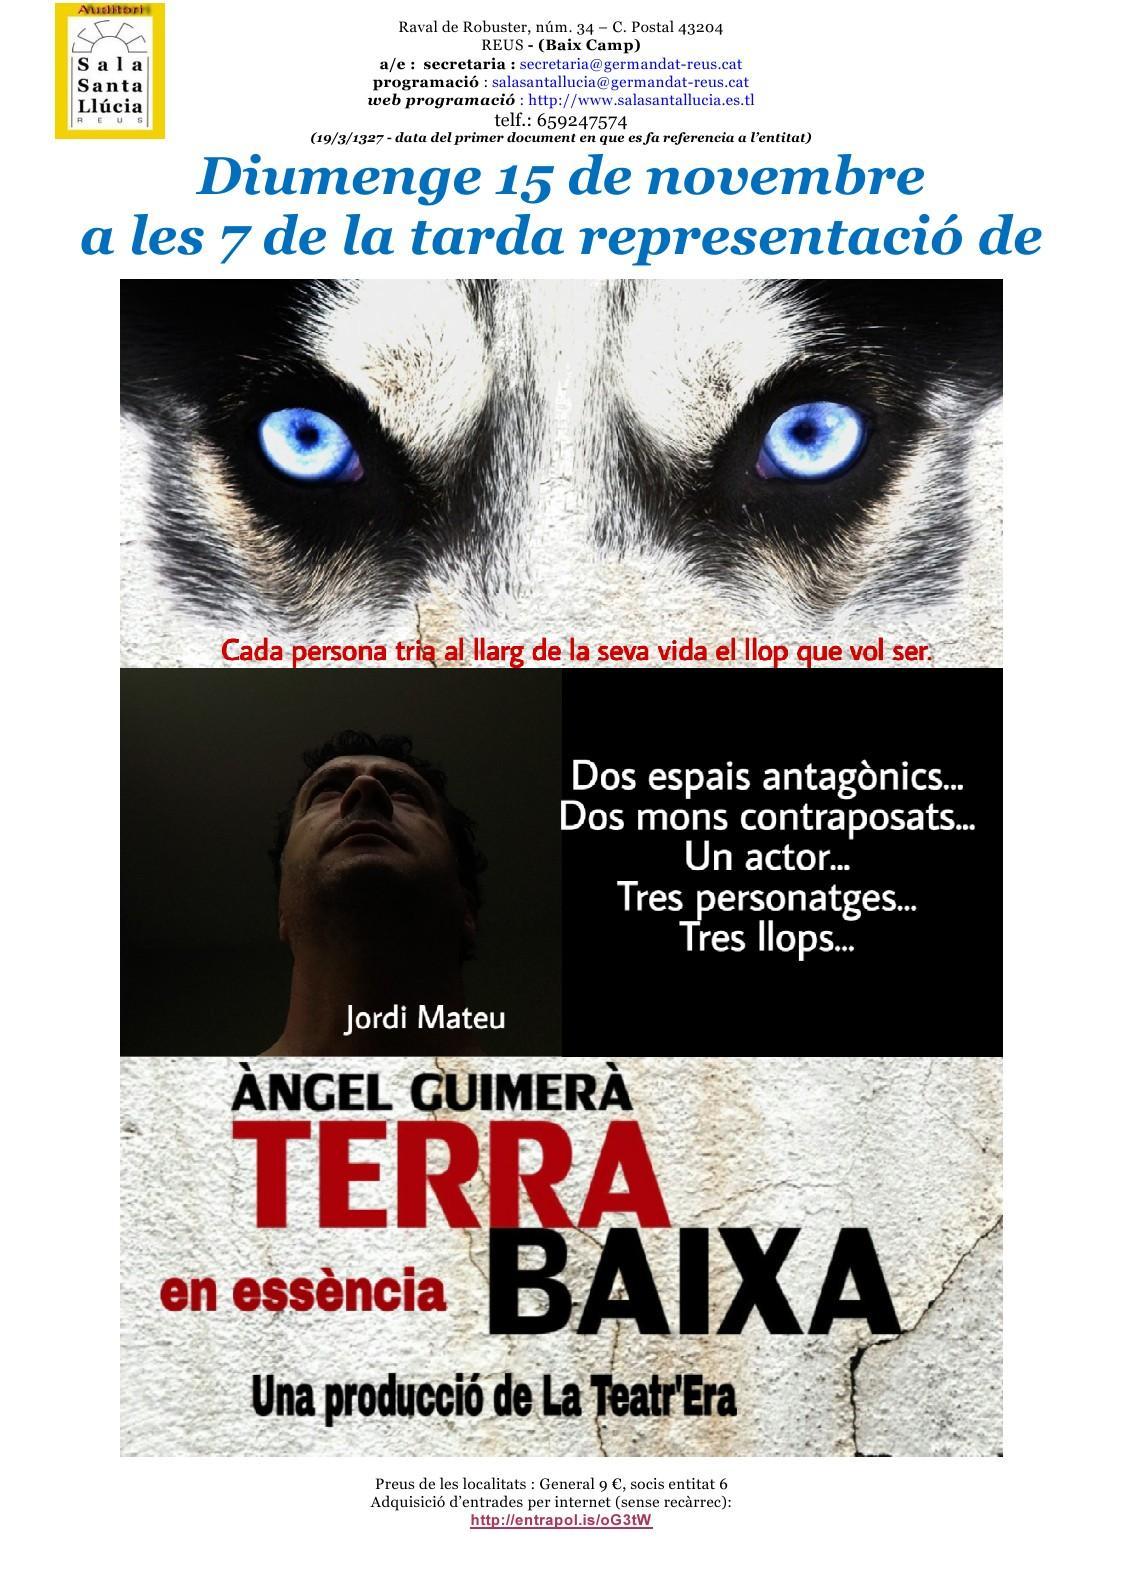 Sala Santa Llúcia: Representació de Terra Baixa en essència, a càrrec de la companyia de teatre LA TEATR'ERAE